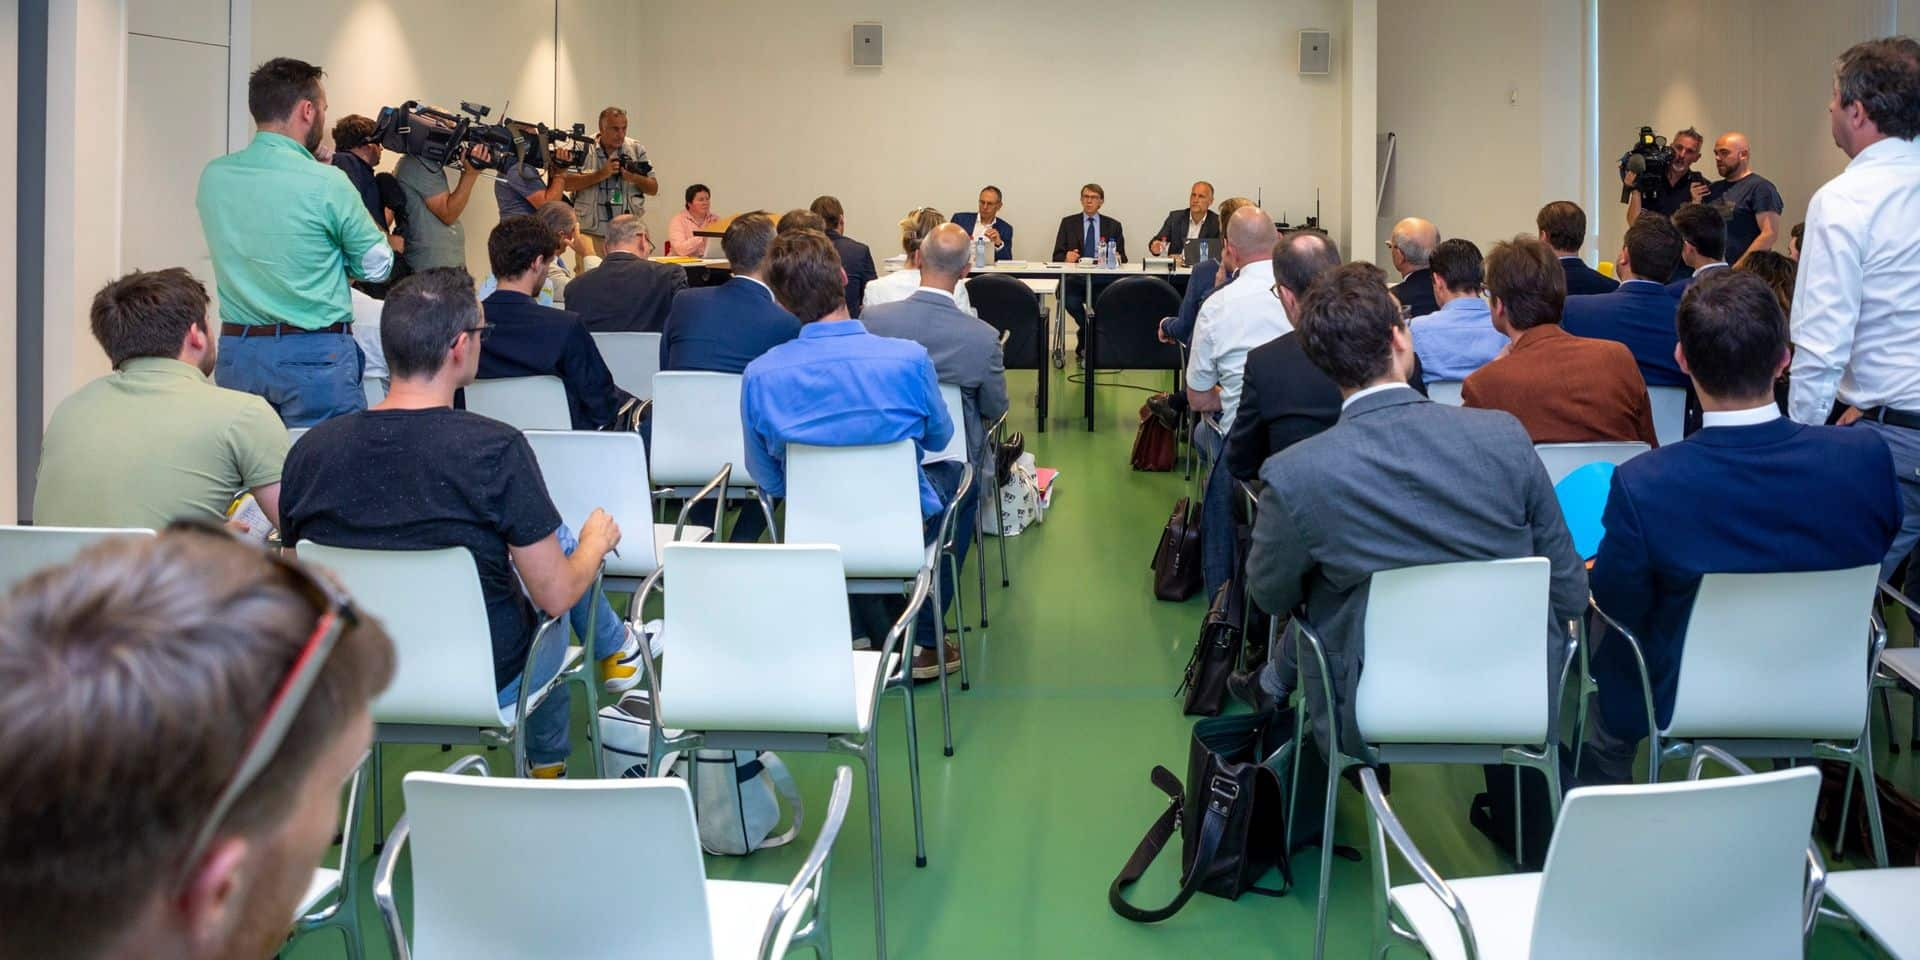 Footgate : Malines juge la plainte du Beerschot, concernant sa licence, irrecevable et non fondée